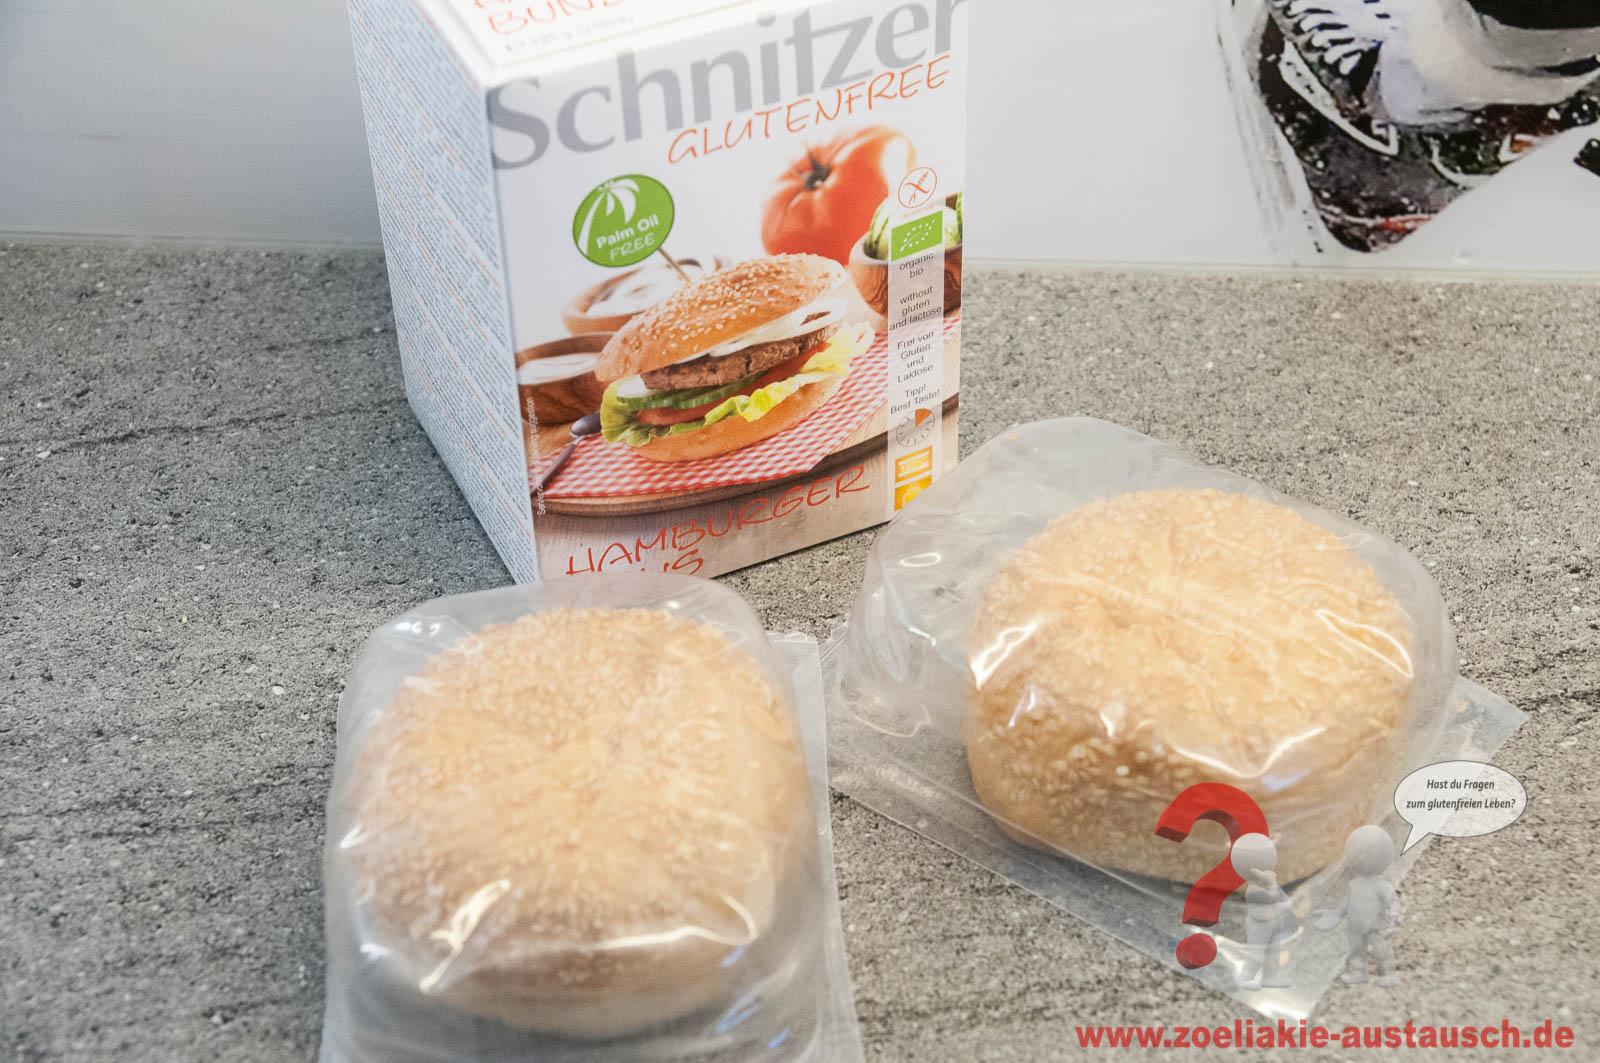 Zoeliakie-Austausch_Schnitzer_Burger_Broetchen_07